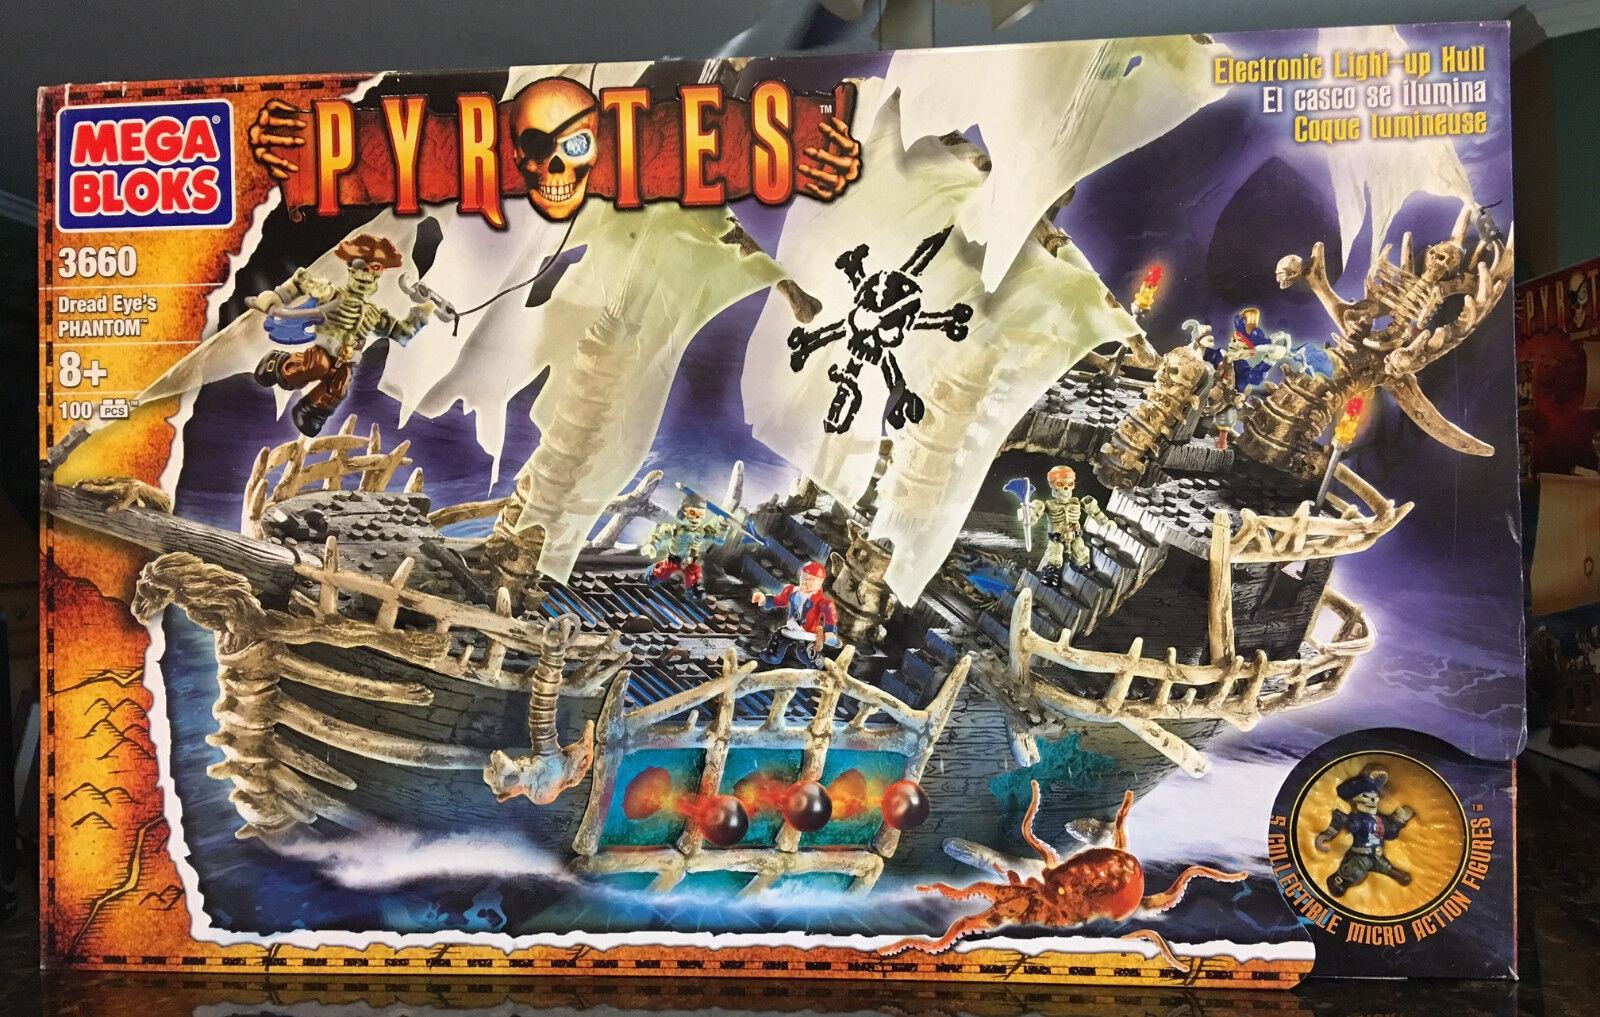 Bloques Mega Blok 3660 temible pirata fantasma del ojo bloque conjunto Sellado En Caja Original